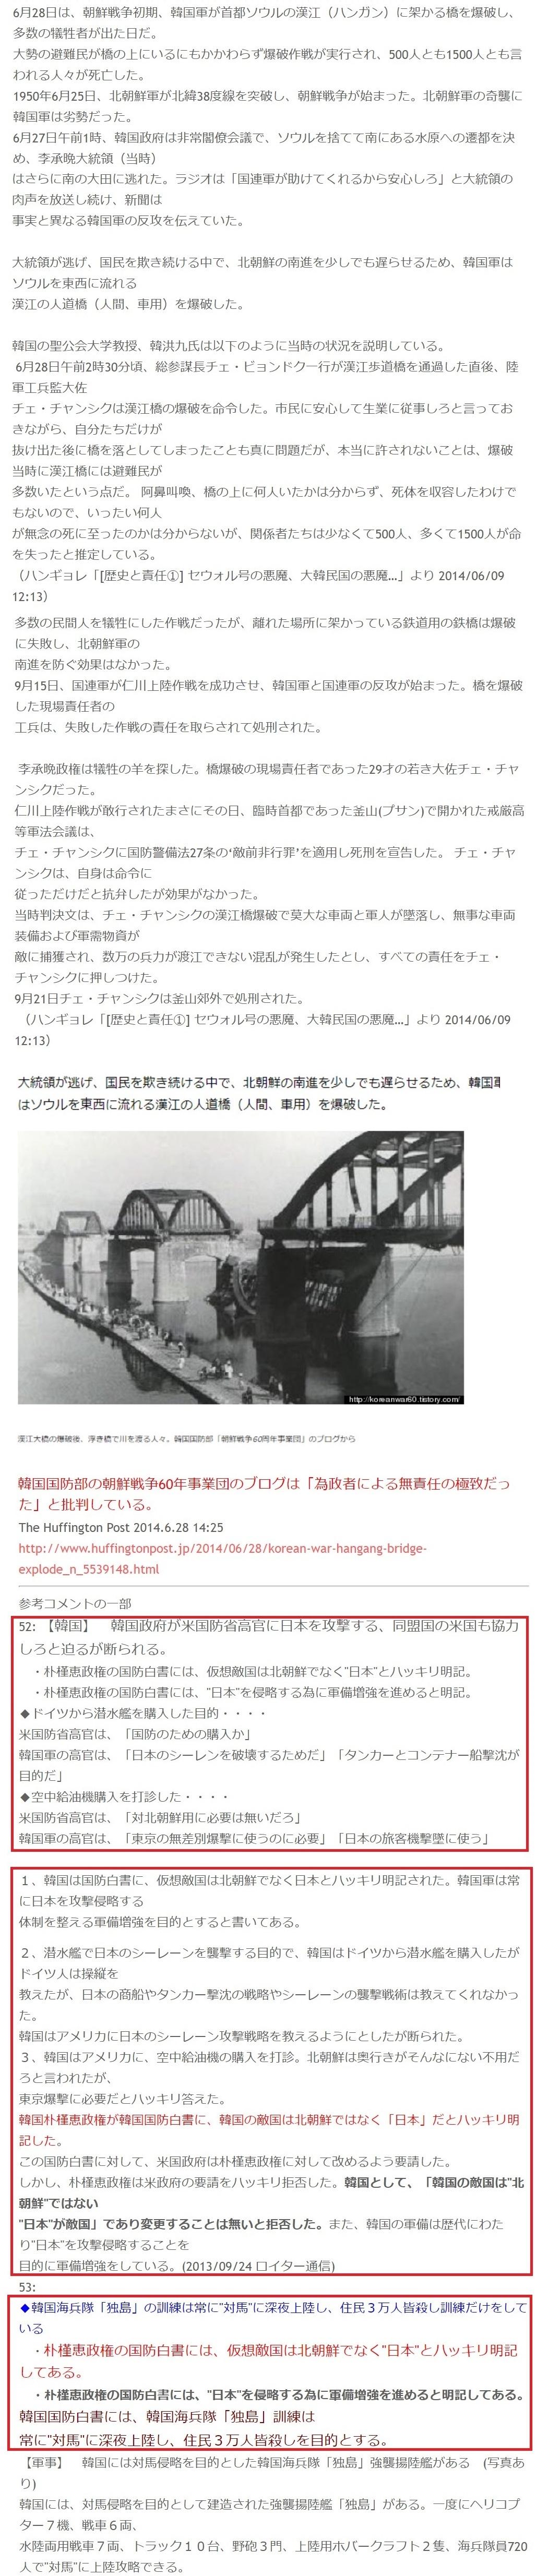 日本を敵国とし、何度も侵略戦争を移そうとしたチョン国1_2